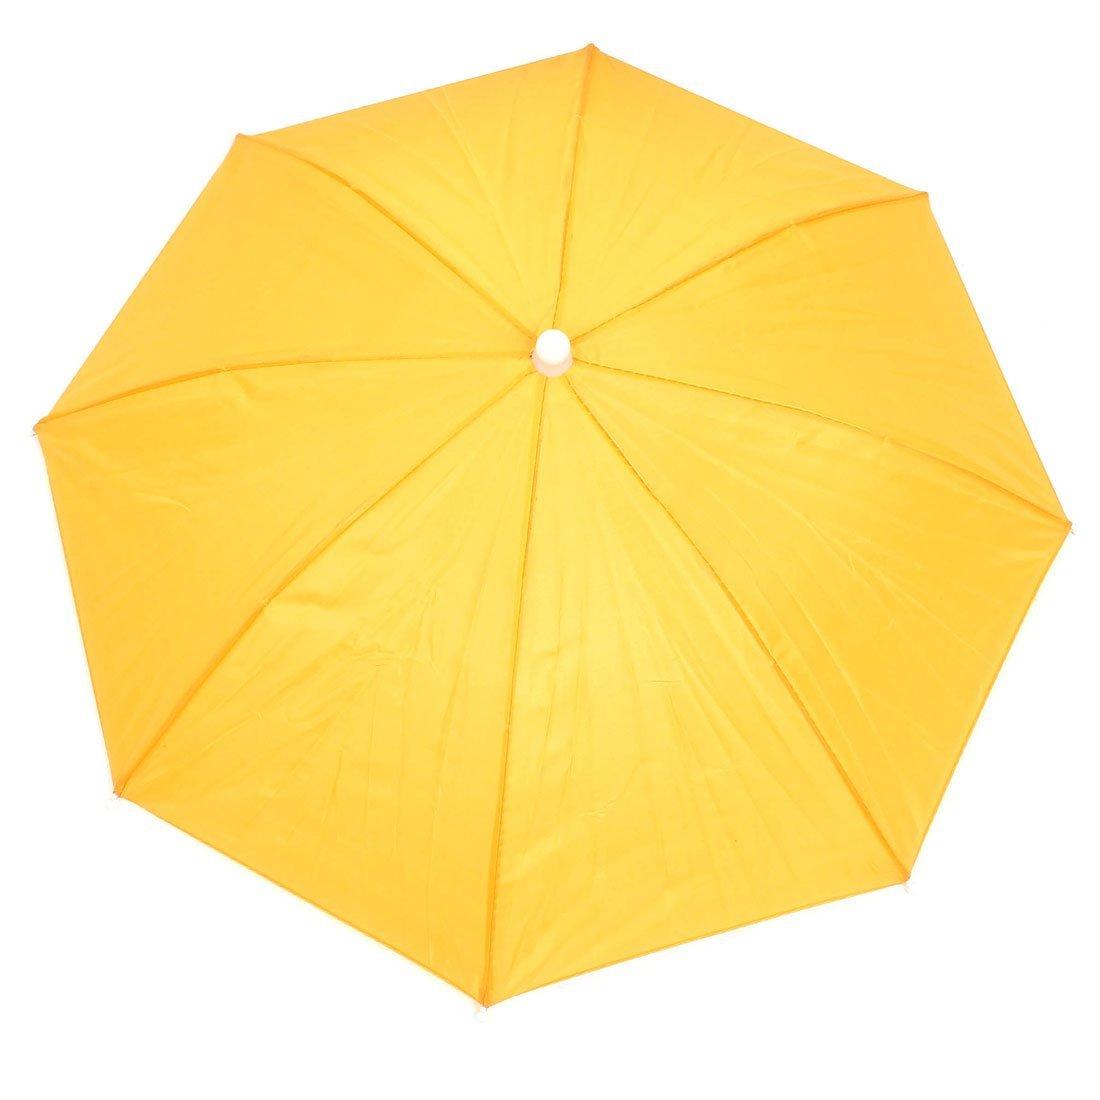 Pesca en el exterior con protección poliéster gorro para paraguas amarillo: Amazon.es: Deportes y aire libre